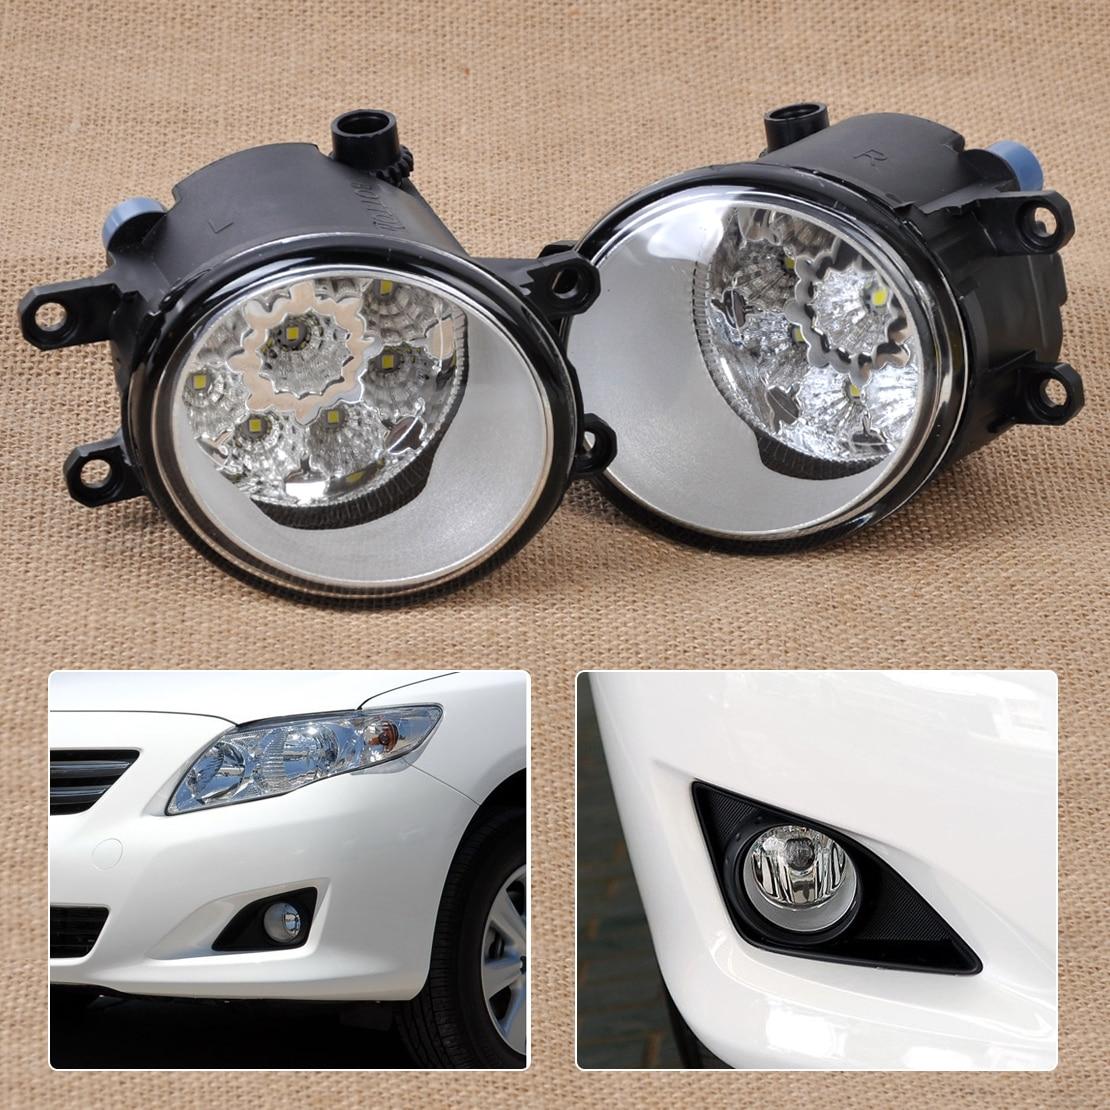 Beler пара 9-светодиодный круглый спереди вправо/влево Туман свет лампы DRL дневного вождения Бег огни 81210- 06050 для Toyota Camry Lexus